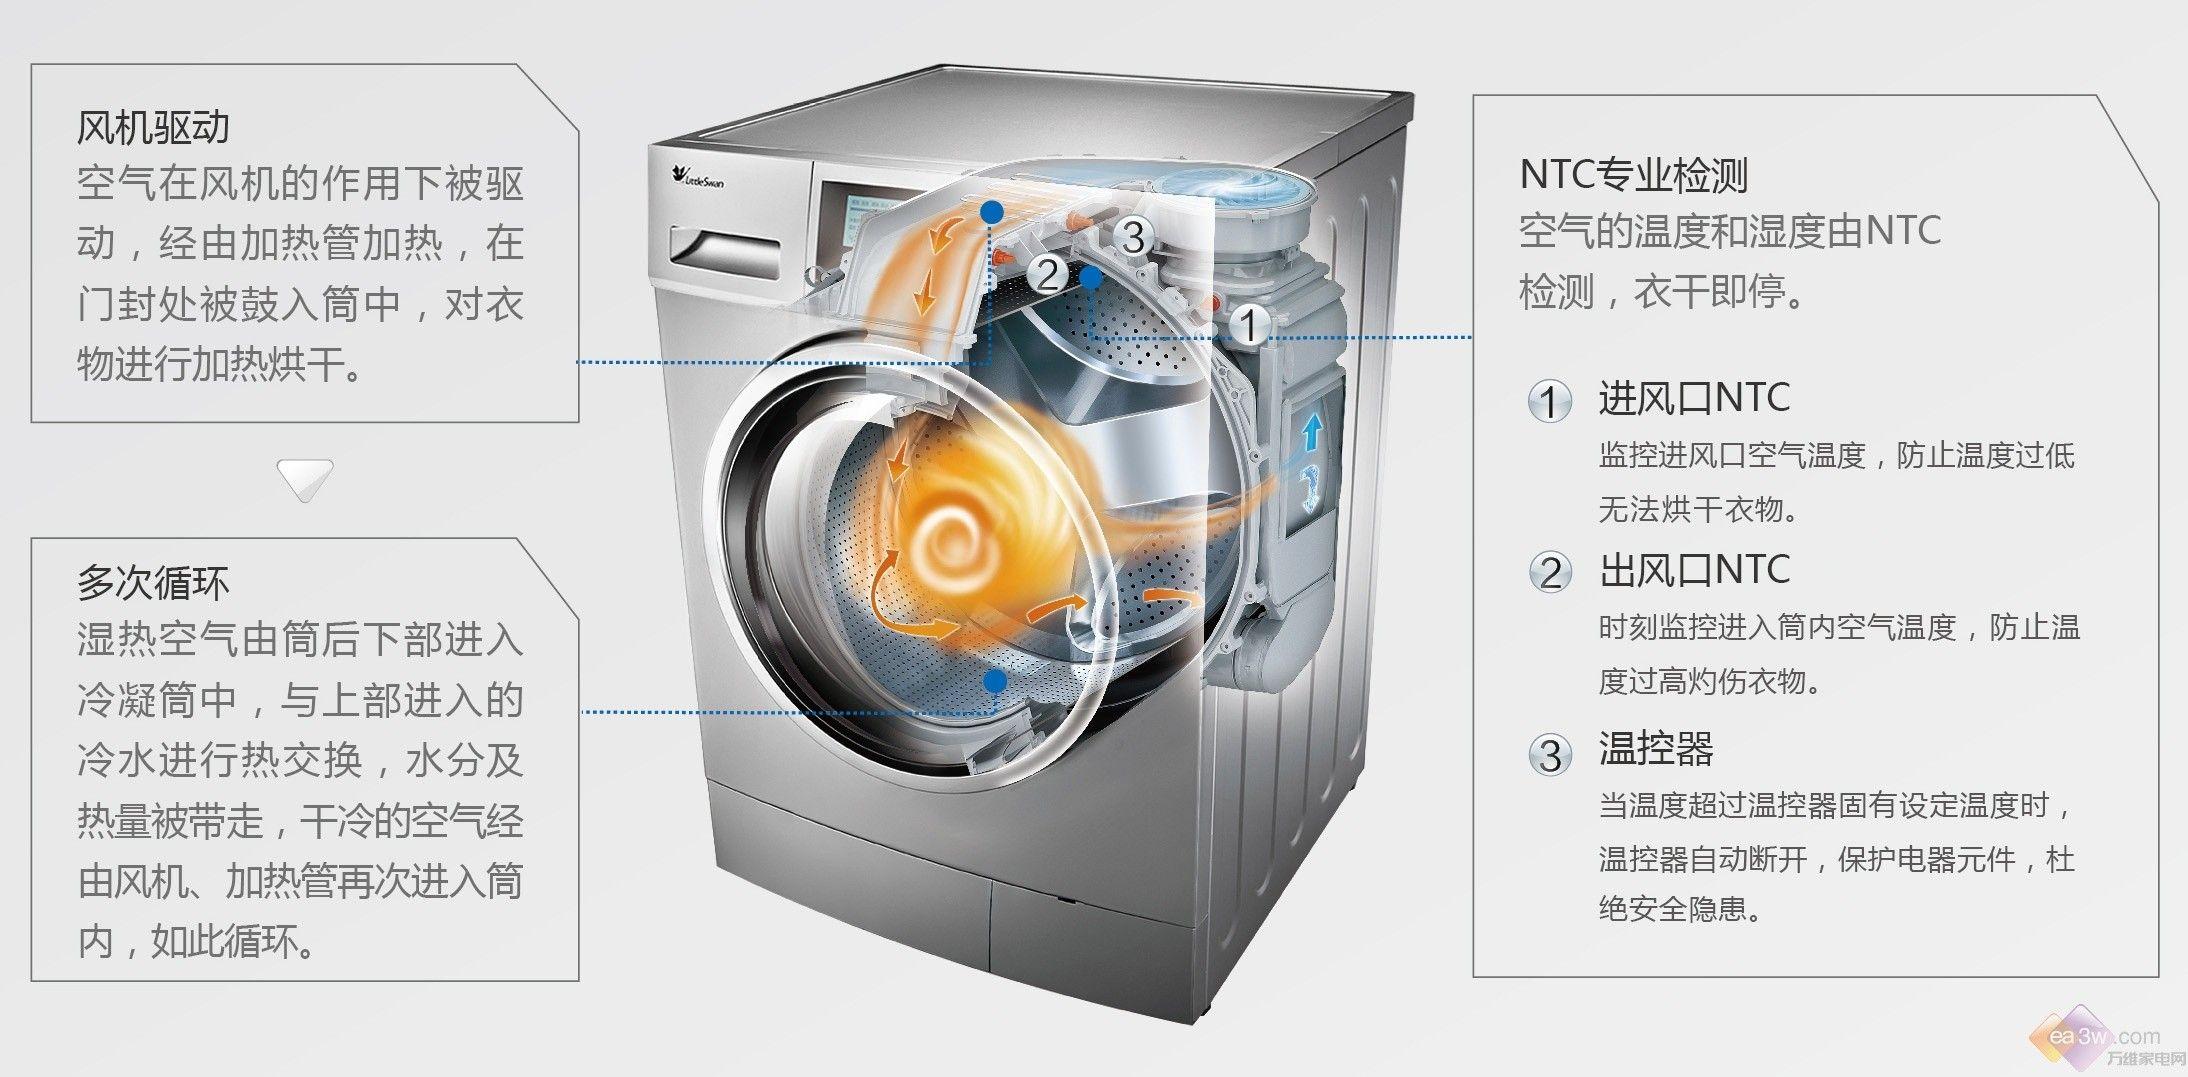 小天鹅在几年前就推出了纯臻系列滚筒洗衣机,而今又再次推出了纯臻系列的升级版本---纯臻2.0系列产品,以智能科技 自然洗涤的理念进行产品设计,也融合了小天鹅多个产品技术。 TS-Drive变频系统 小天鹅TG70-1411LPD(S)滚筒洗衣机采用了TS-Drive变频系统,充分发挥变频电机节能省电的突出优势,能够实现1400rpm高转速脱水,可以快速甩净衣物中的污渍和残留,使得衣物洗涤更加洁净,脱水更加彻底。 另外,通过精准计算衣量,调控洗涤节拍,小天鹅洗衣机先进的TS-Drive变频系统